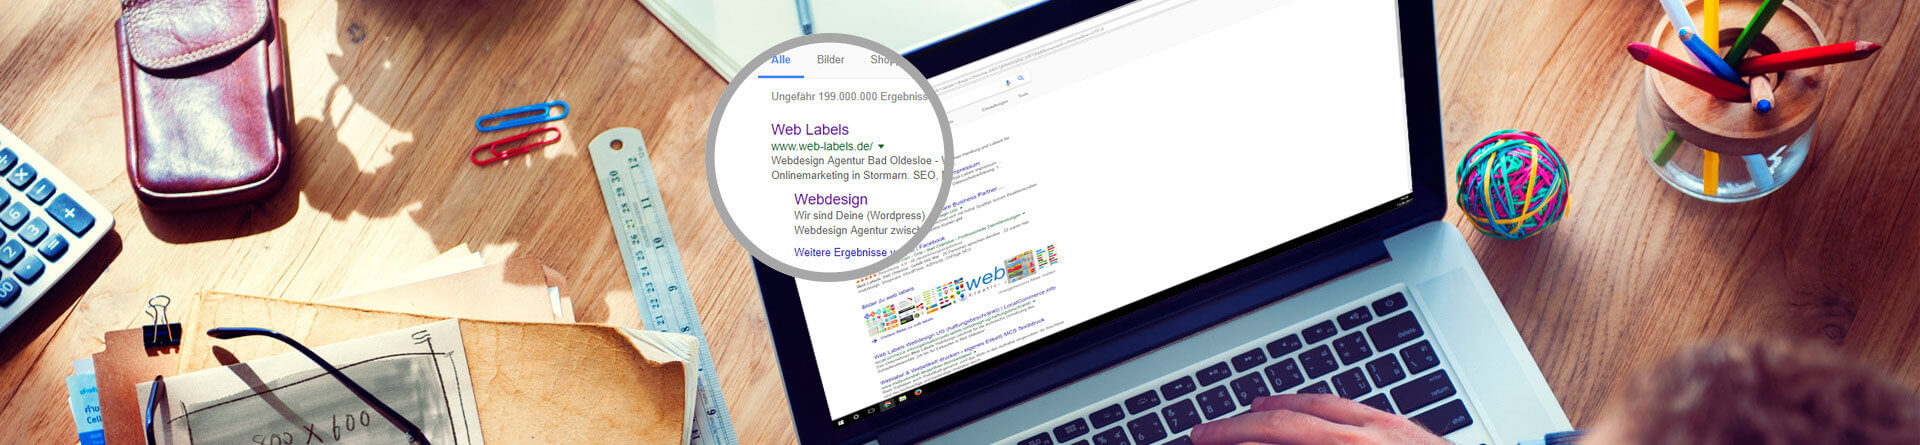 Web Labels - Deine Agentur im Norden